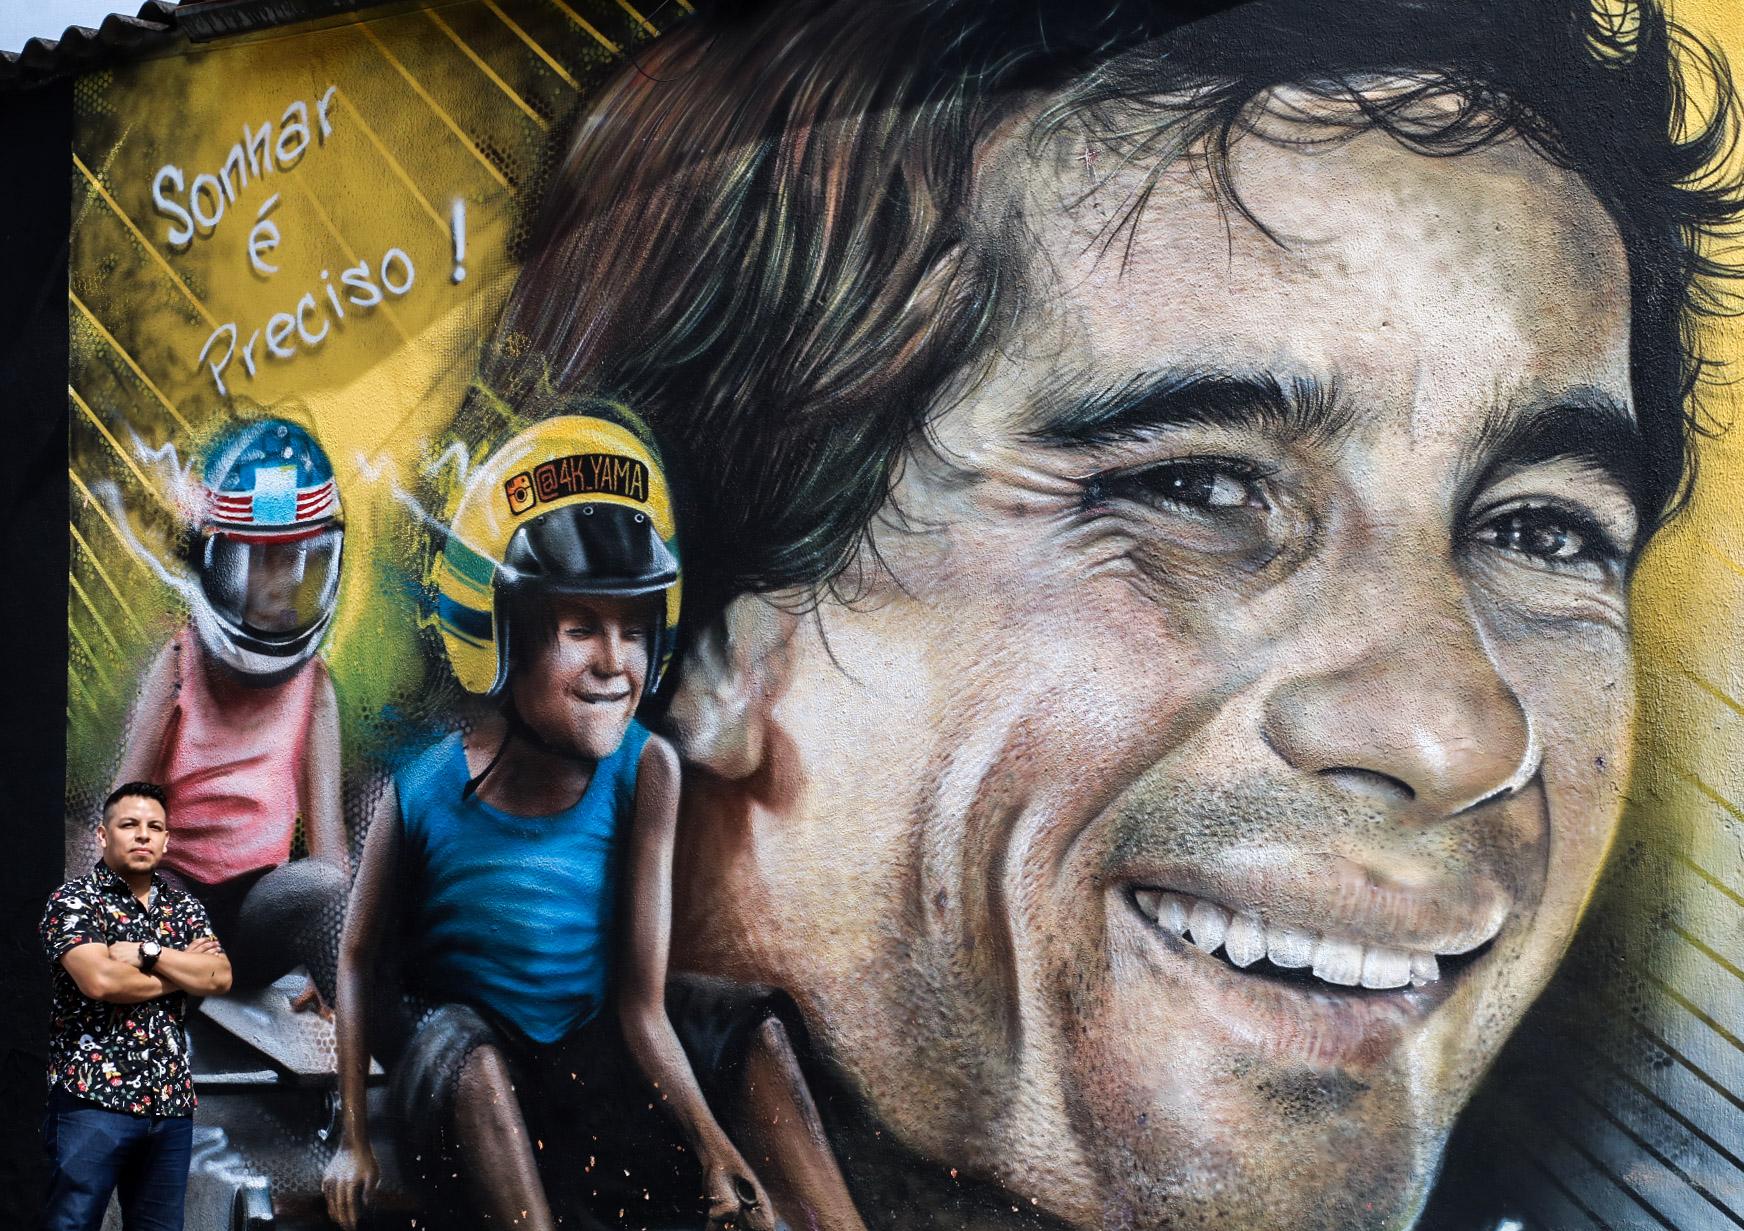 Foto de Conheça Cristian Yama, colombiano autor de graffiti de Ayrton Senna em frente ao Autódromo de Interlagos